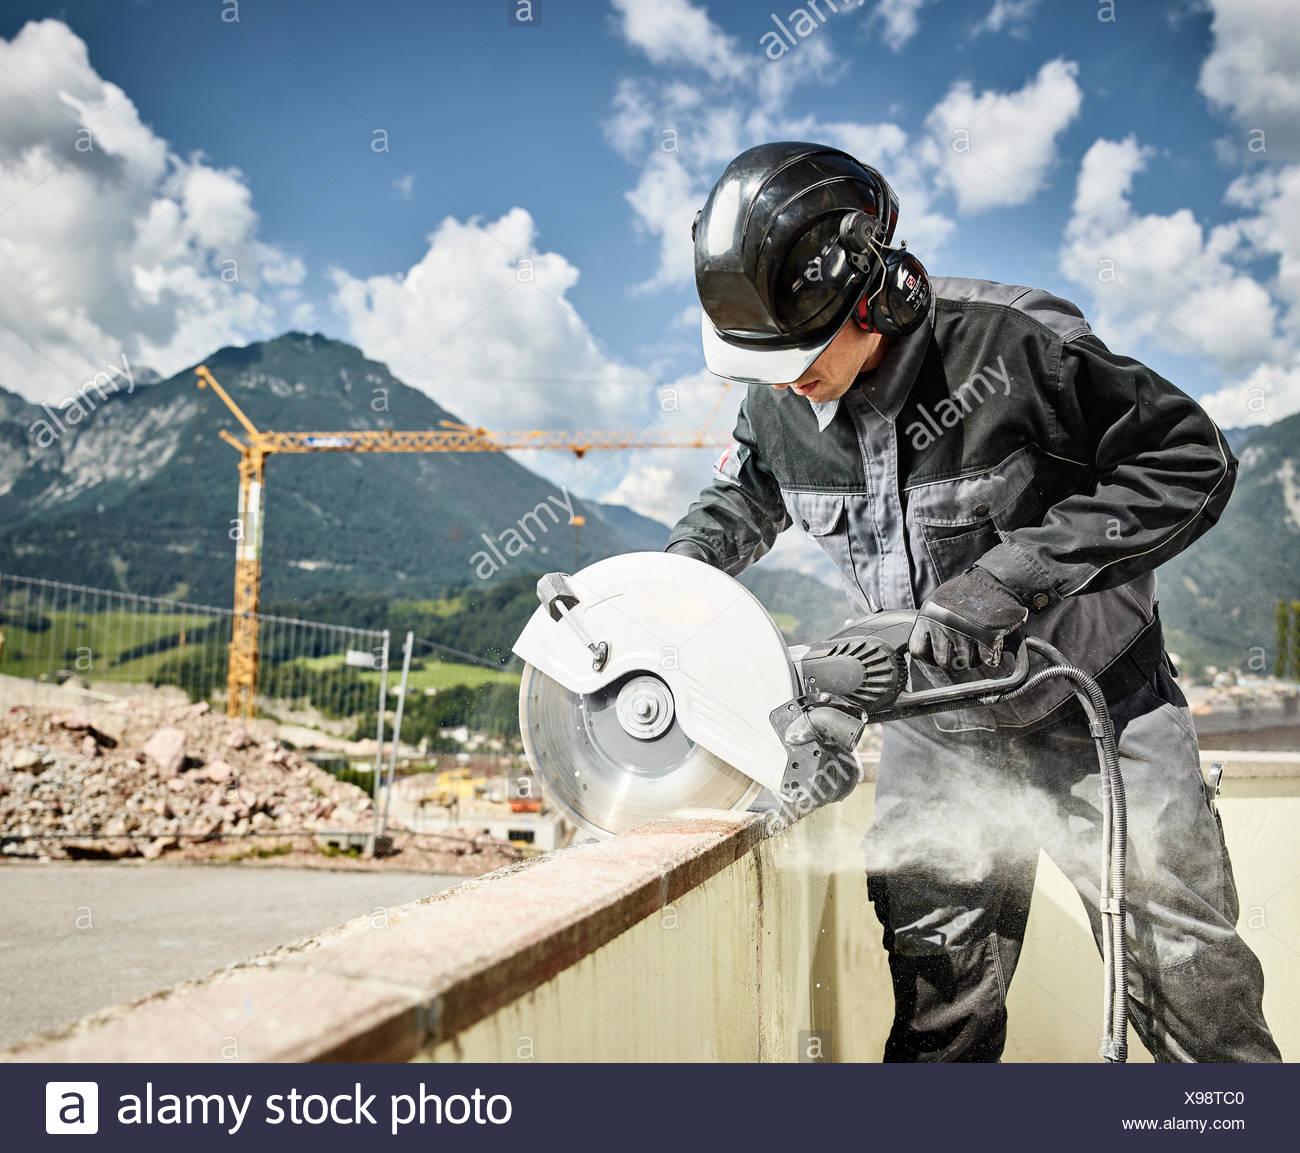 Travailleur de la Construction avec casque, vêtement de travail et protection auditive mur de béton coupe avec scie à main, Autriche Photo Stock